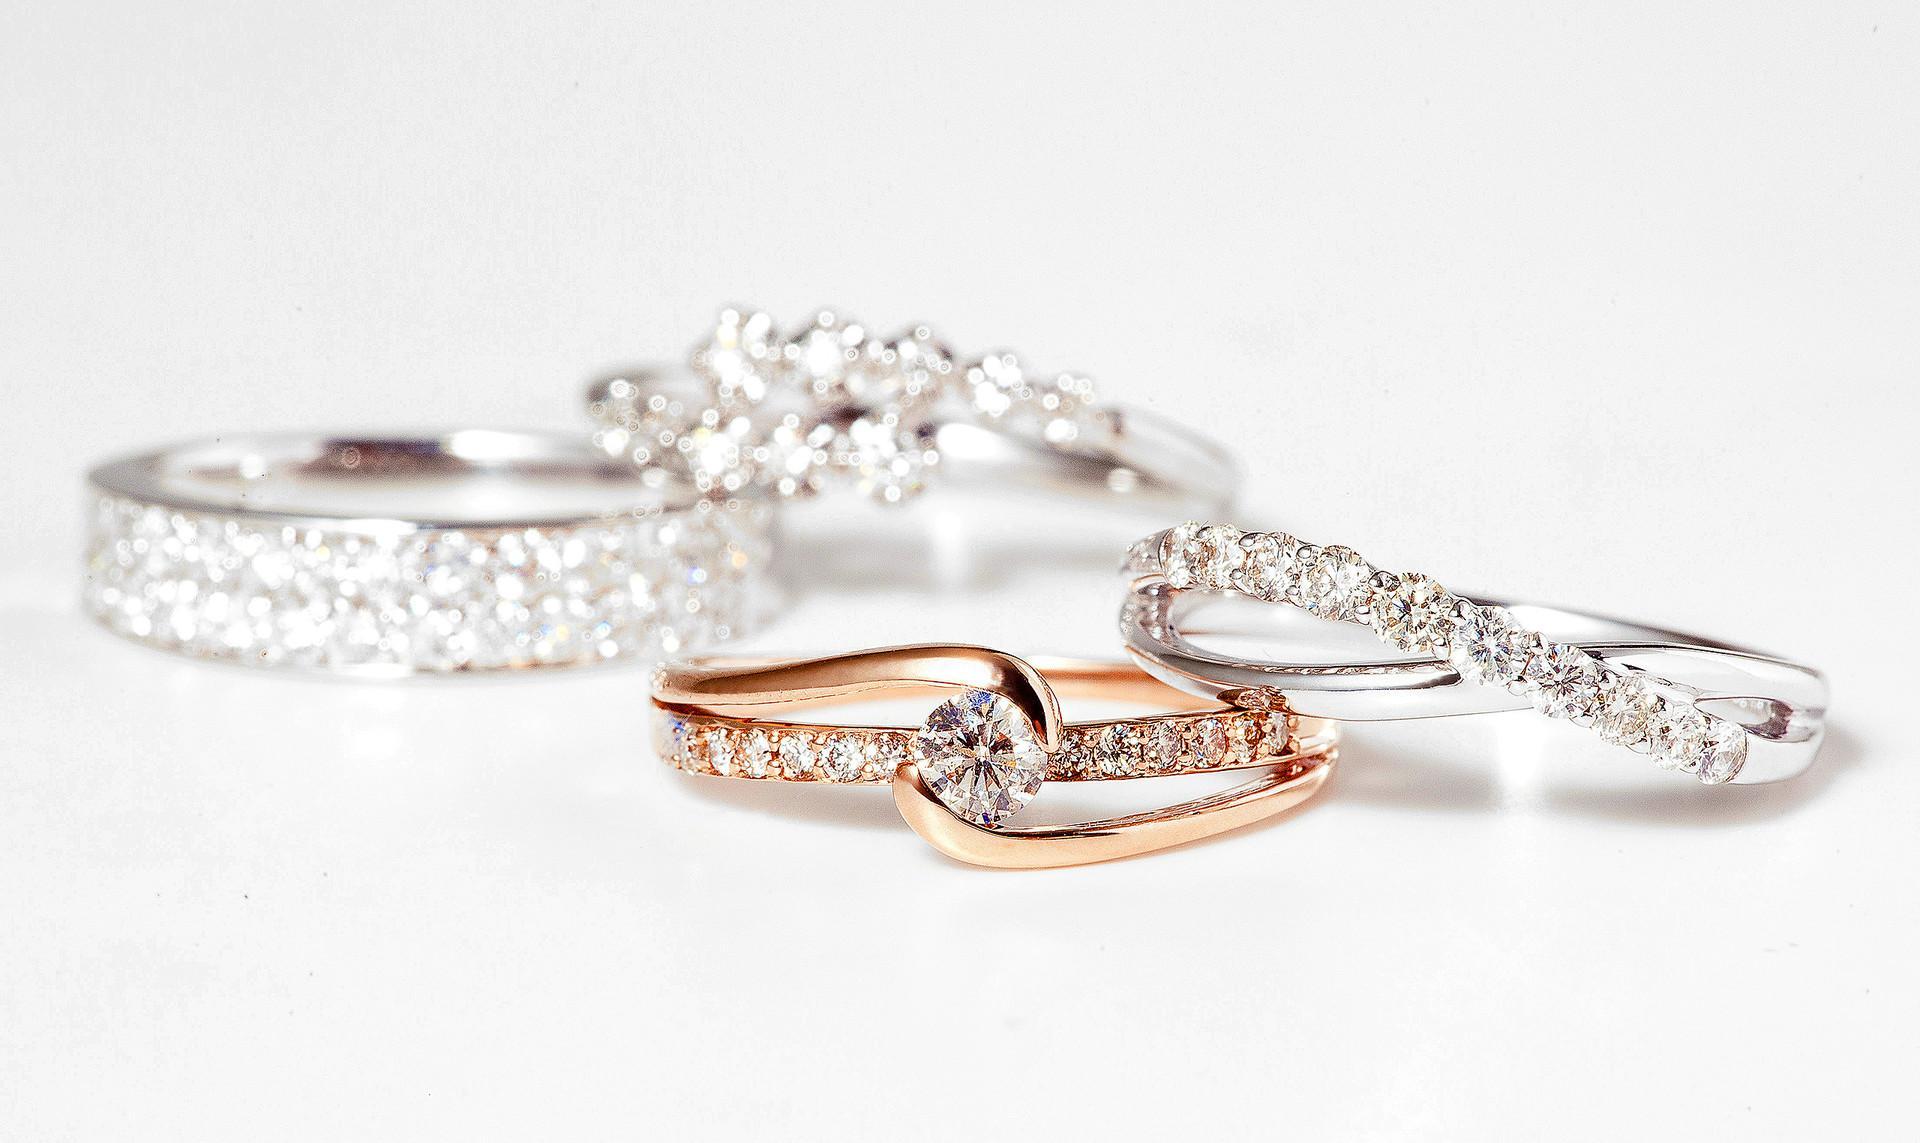 FOUR SEASONS JEWELRY Diamonds